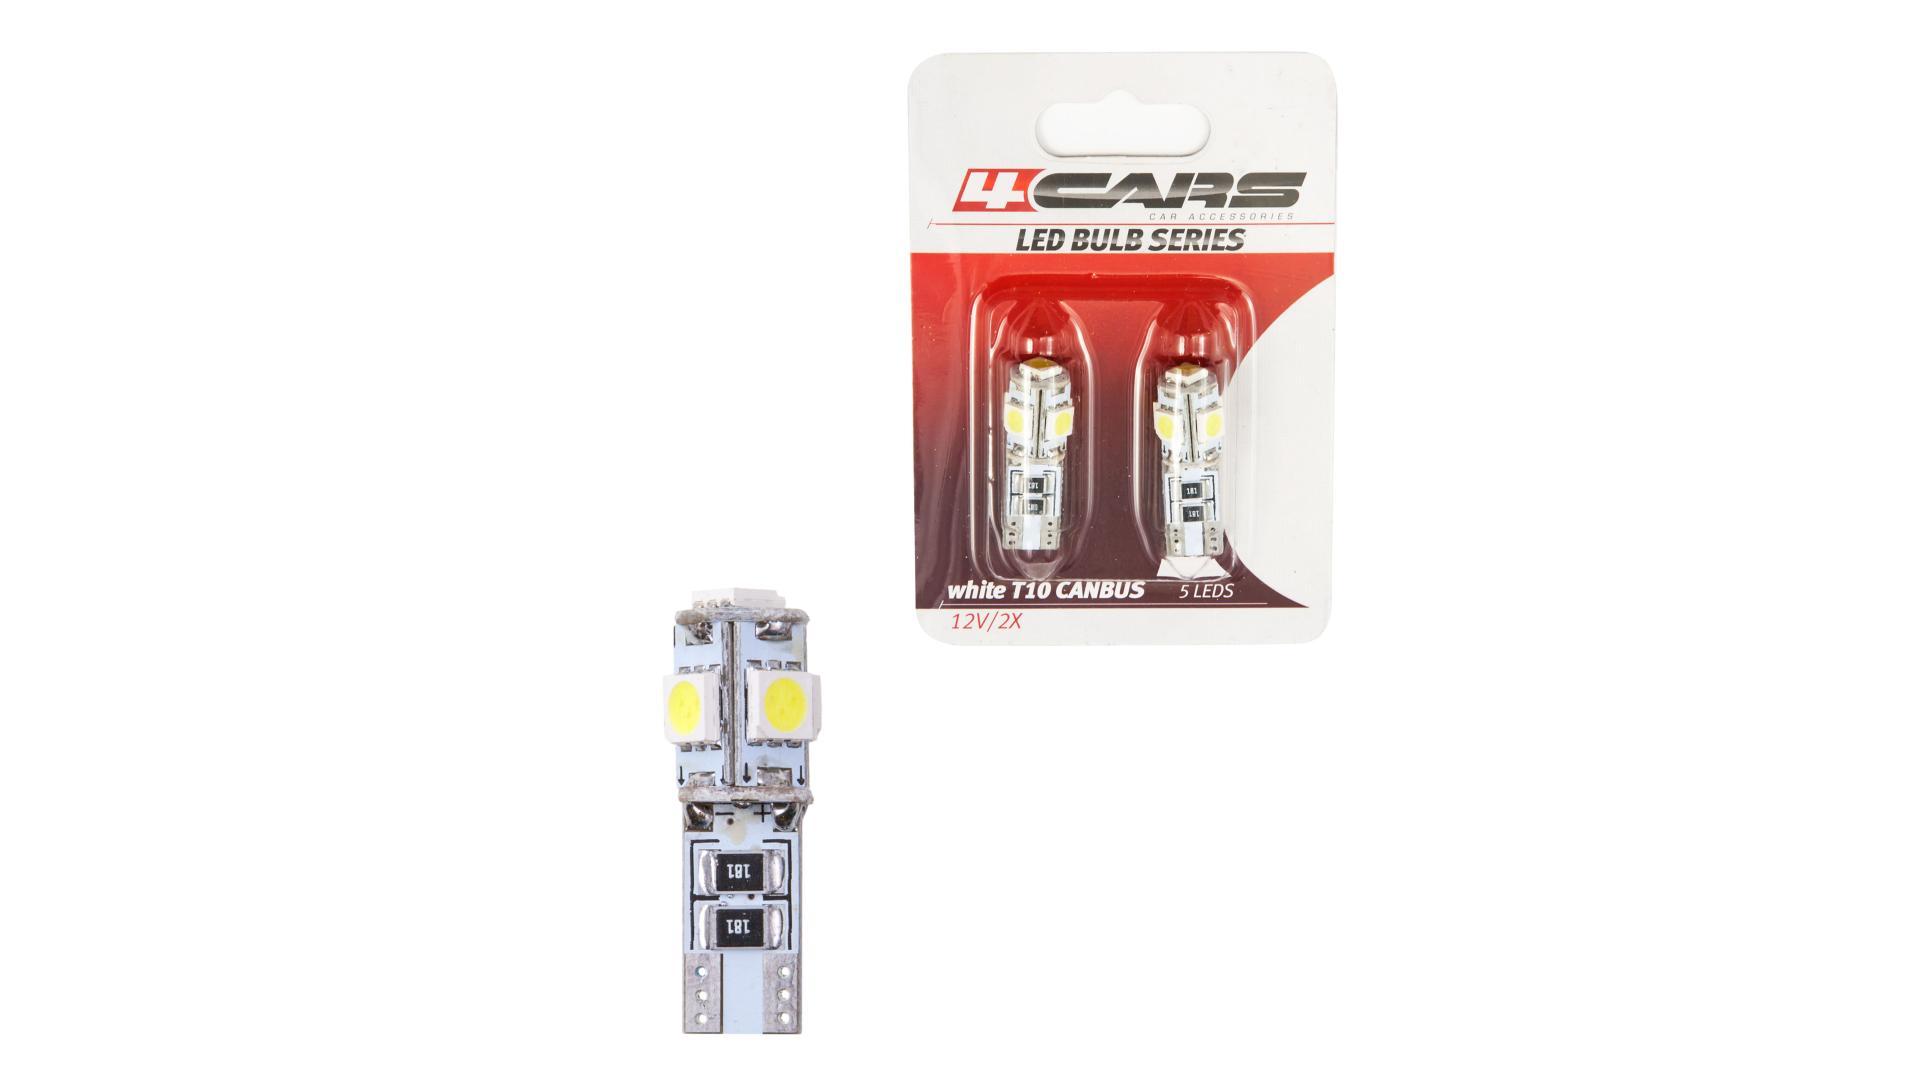 4CARS LED ŽIAROVKA 5LED 12V CANBUS 5050SMD T10